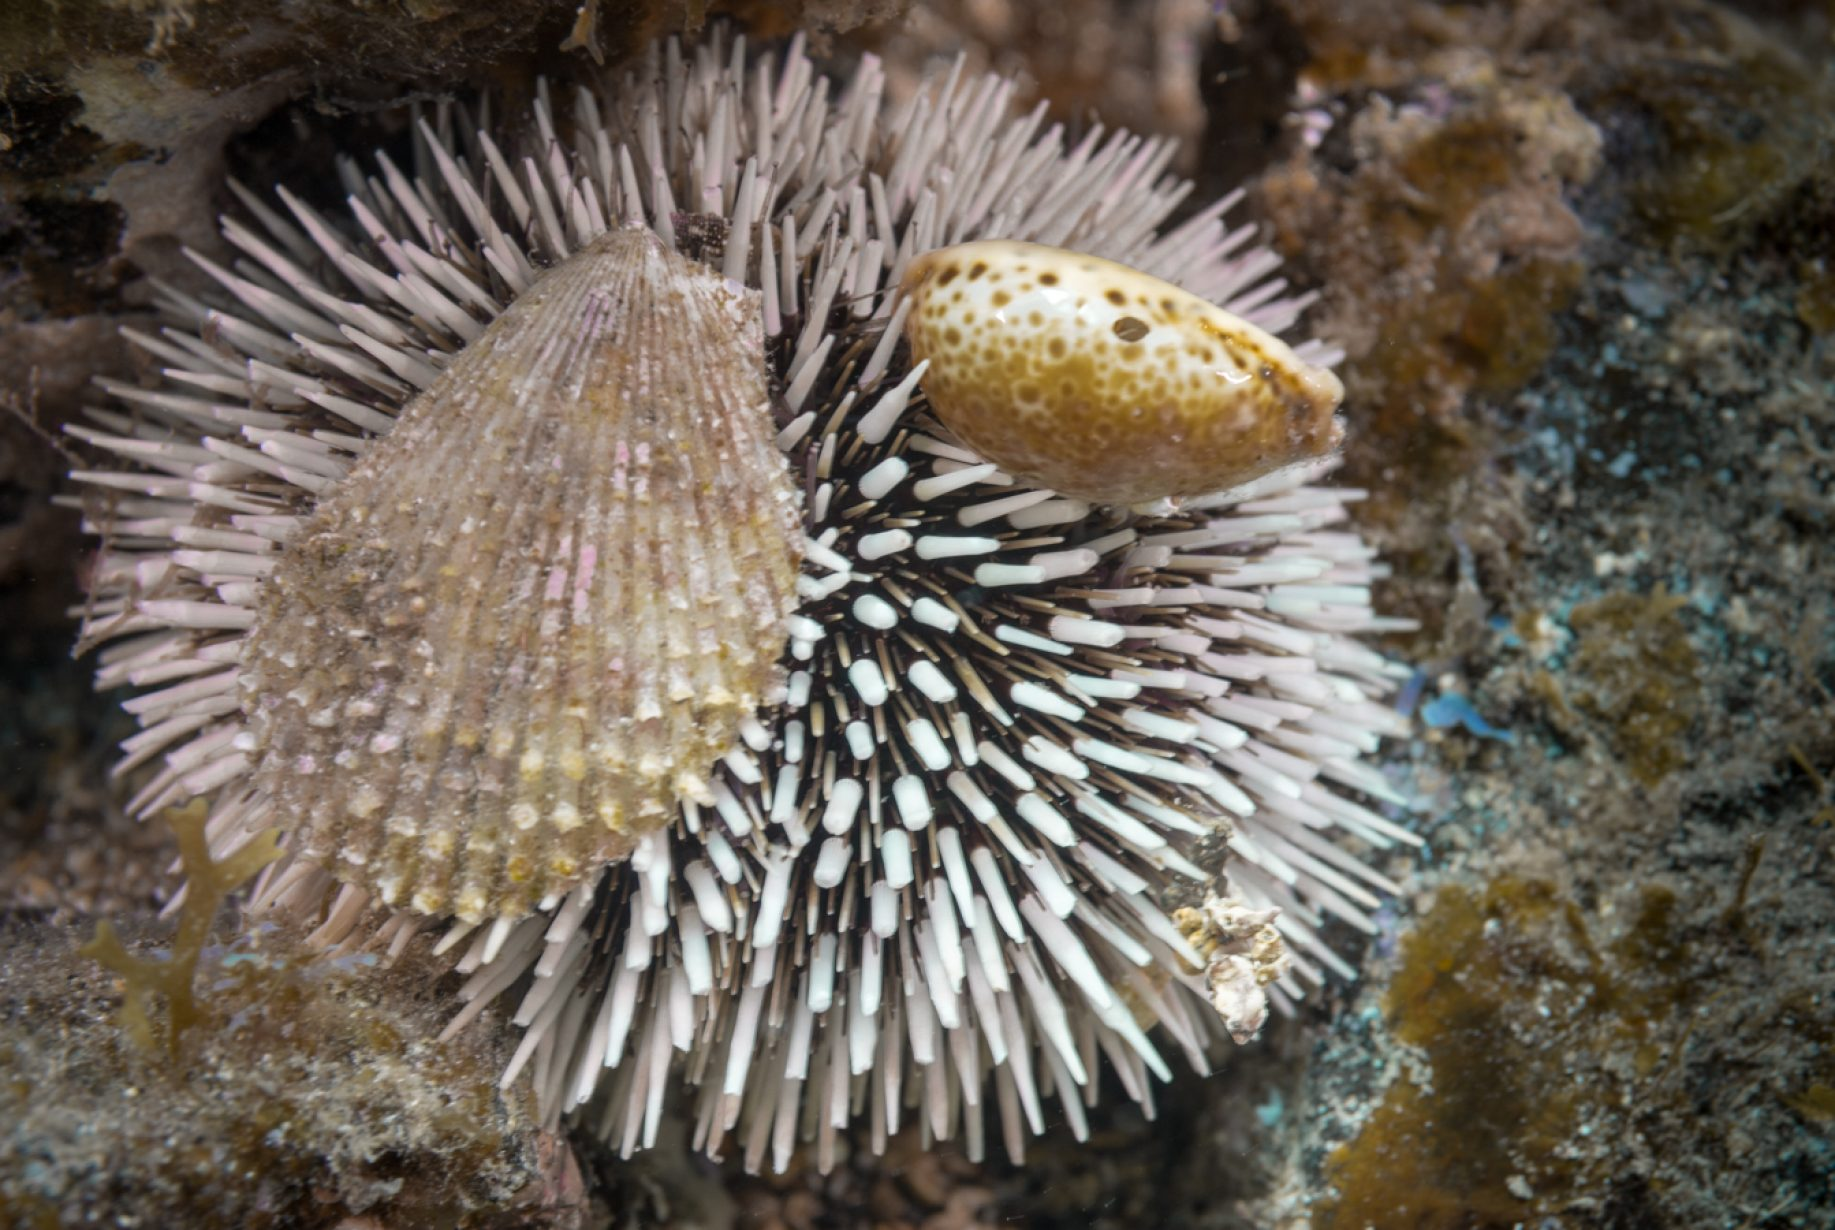 Los equinoideos (Echinoidea), comúnmente conocidos como erizos de mar, son una clase del filo Equinodermos. Son de forma globosa o discoidal (dólares de arena), carecen de brazos y tienen un esqueleto externo, cubierto solo por la epidermis, constituido por numerosas placas calcáreas unidas entre sí rígidamente formando un caparazón, en las que se articulan las púas móviles.